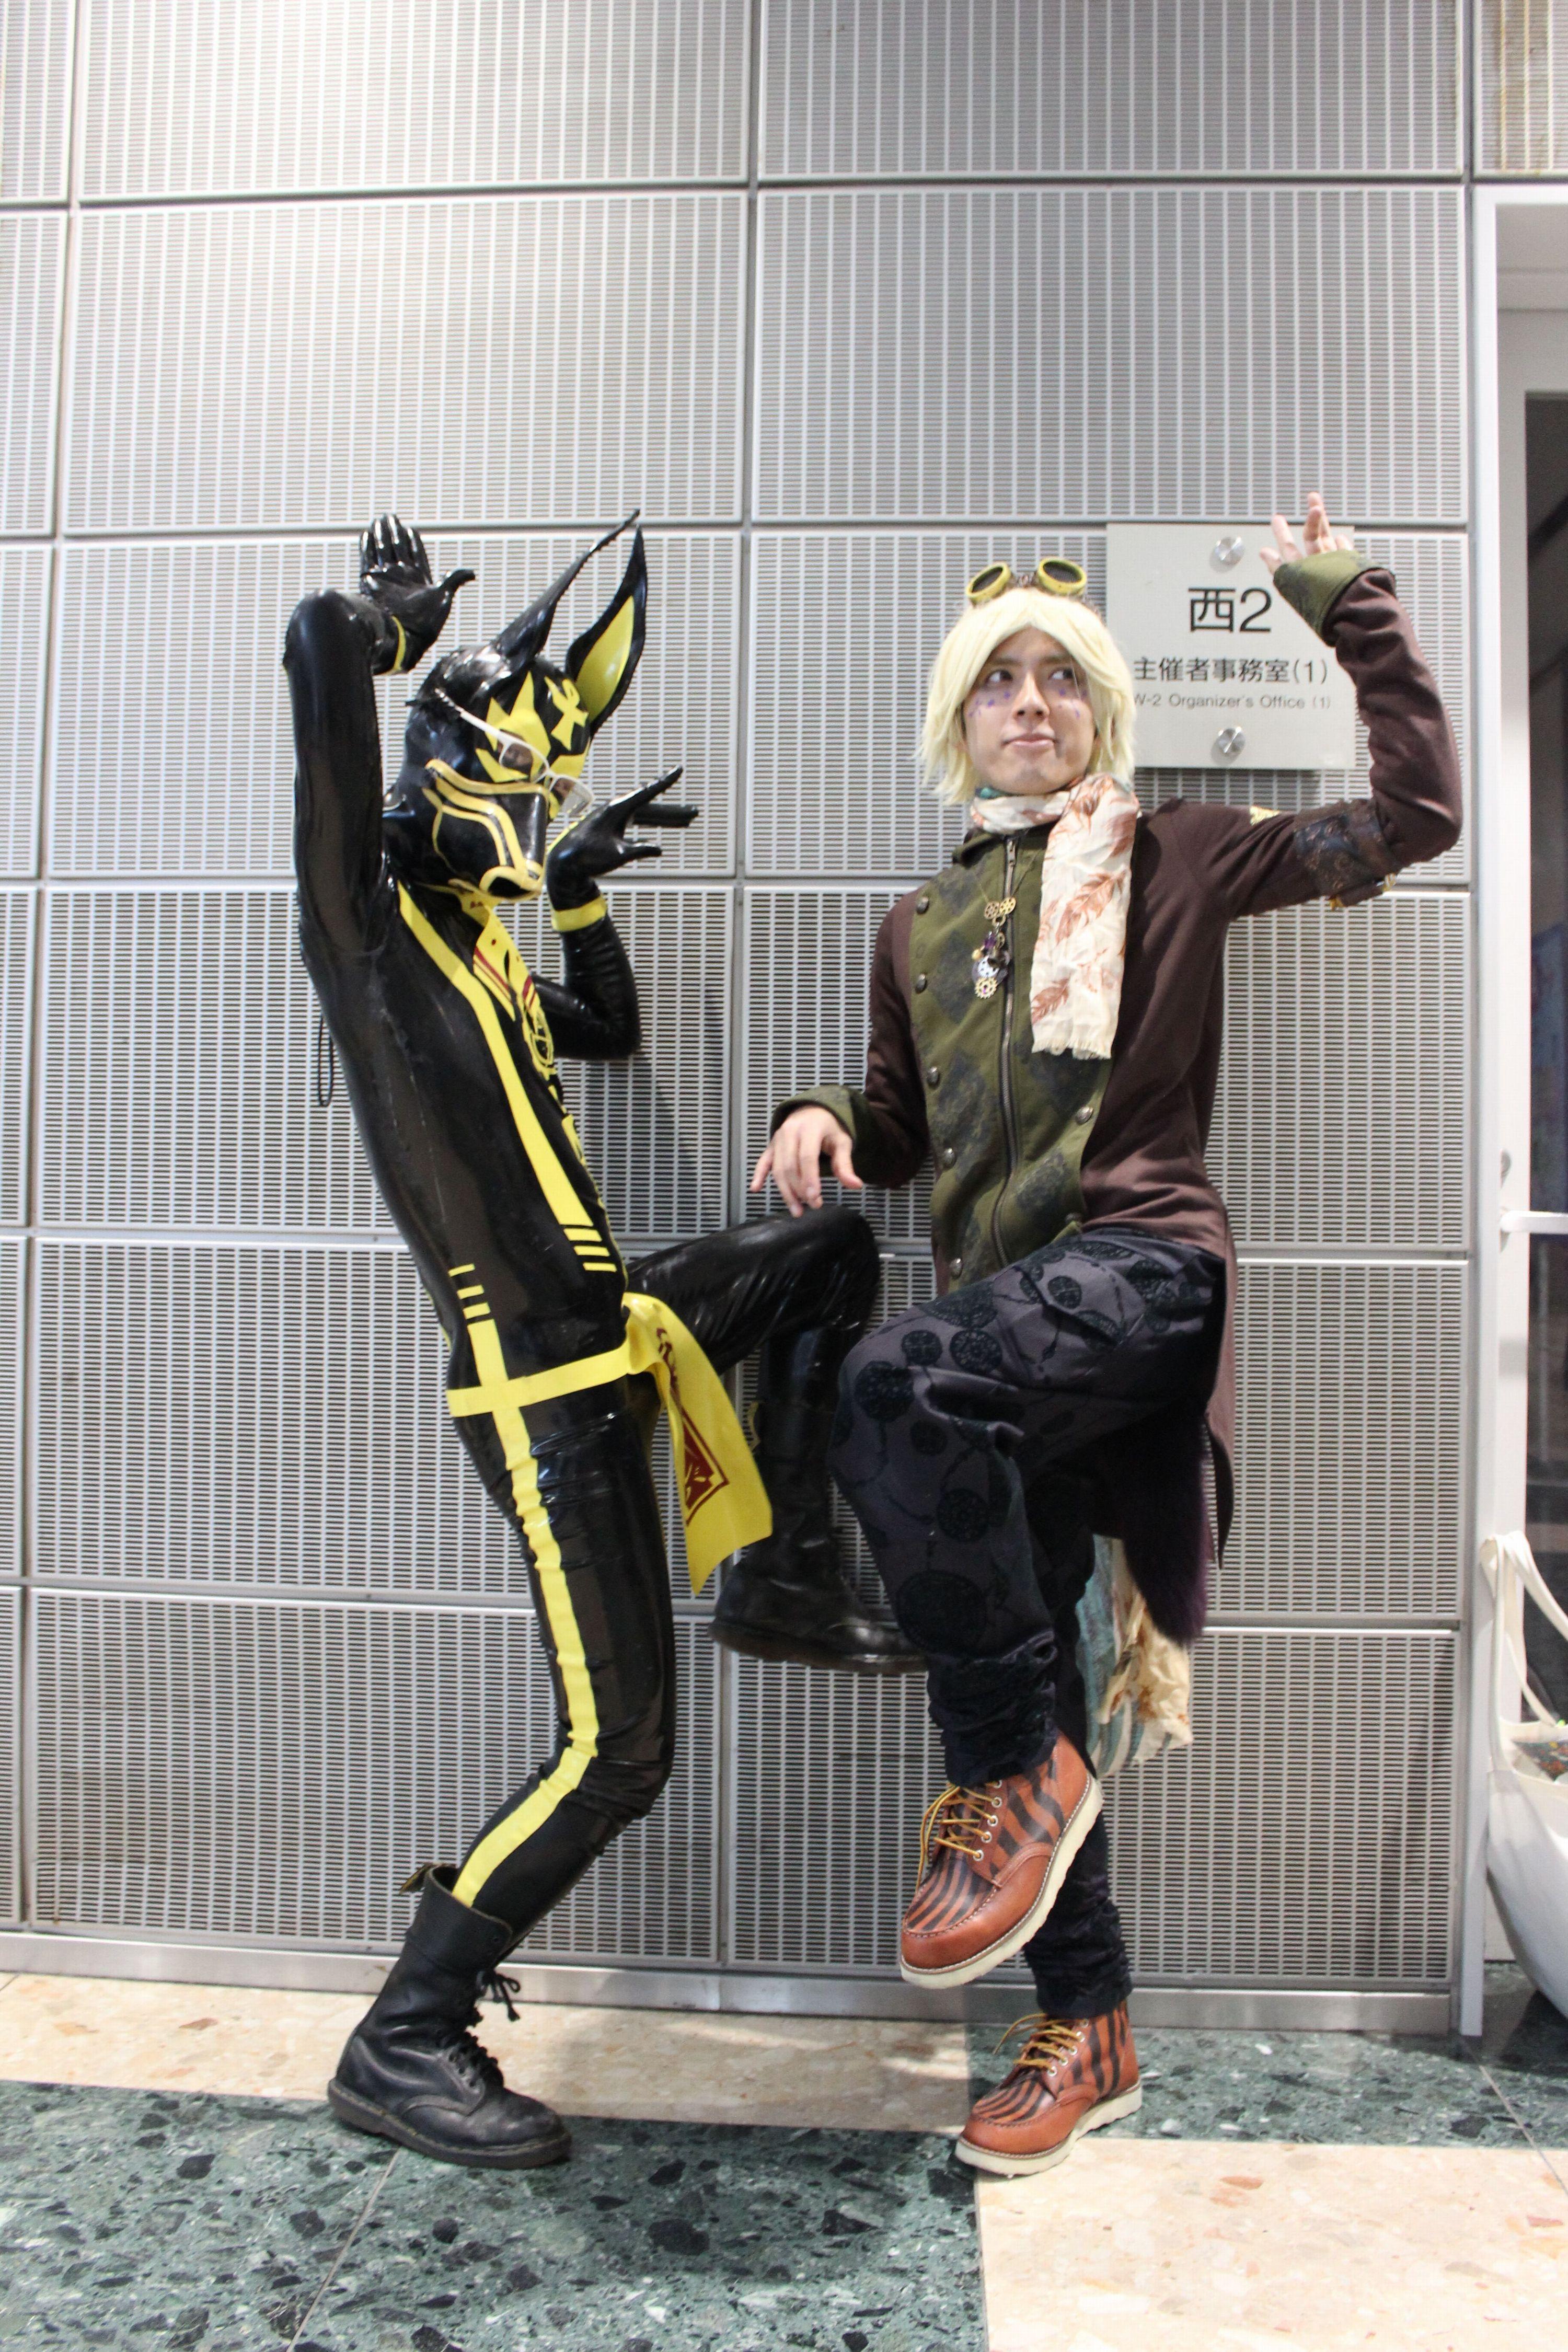 デザインフェスタvol.40~魅力的な装いが生み出す夢の世界~狐・異形頭・ペストマスク・スチームパンク・ローカルヒーロー~